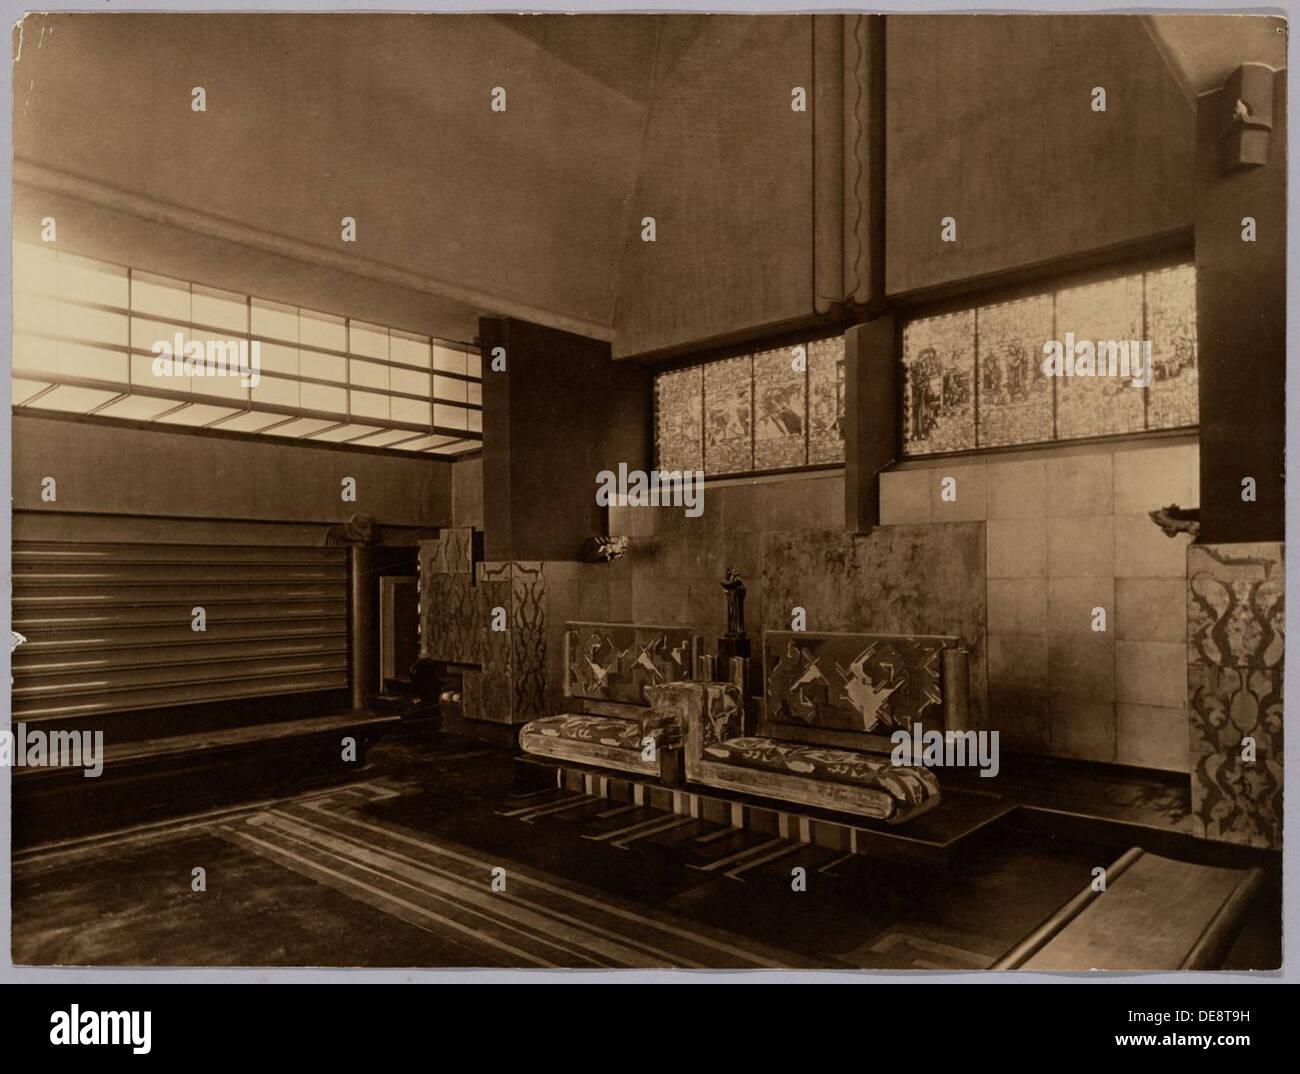 https://c8.alamy.com/comp/DE8T9H/interieur-nederlands-paviljoen-dutch-pavilion-interior-DE8T9H.jpg